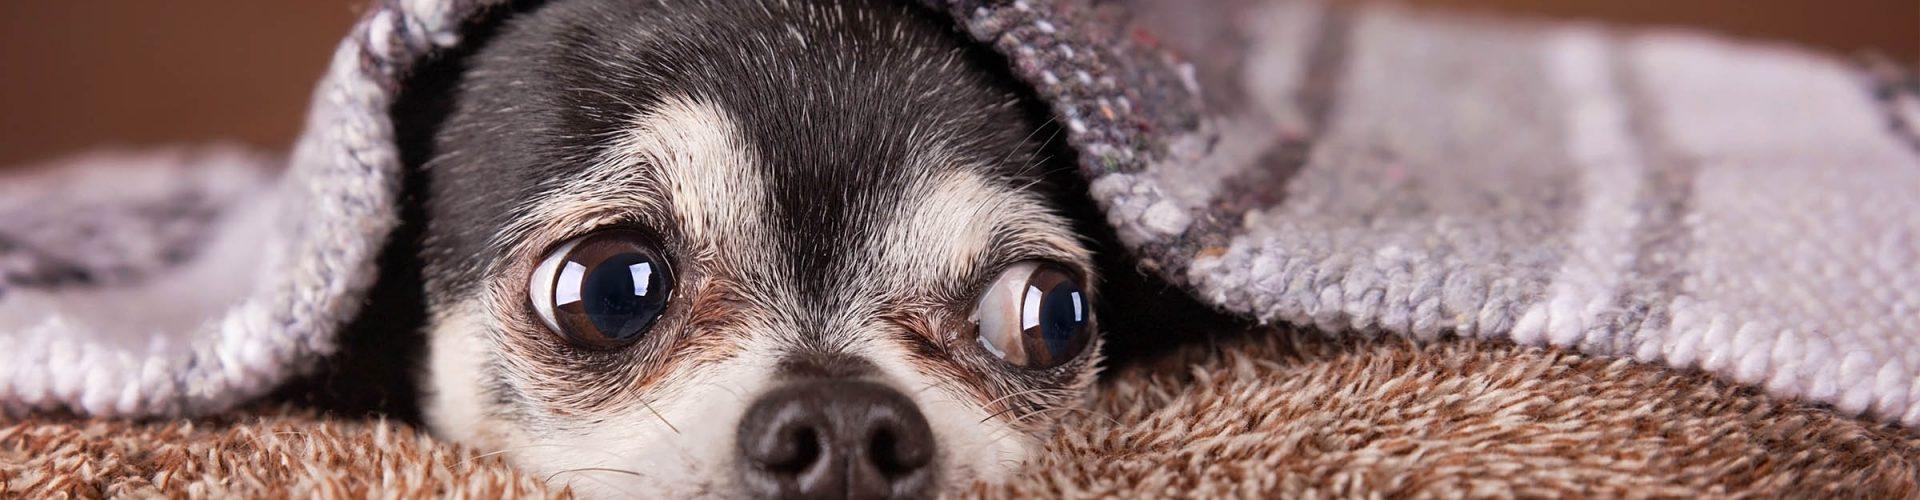 A cute Chihuahua under a blanket